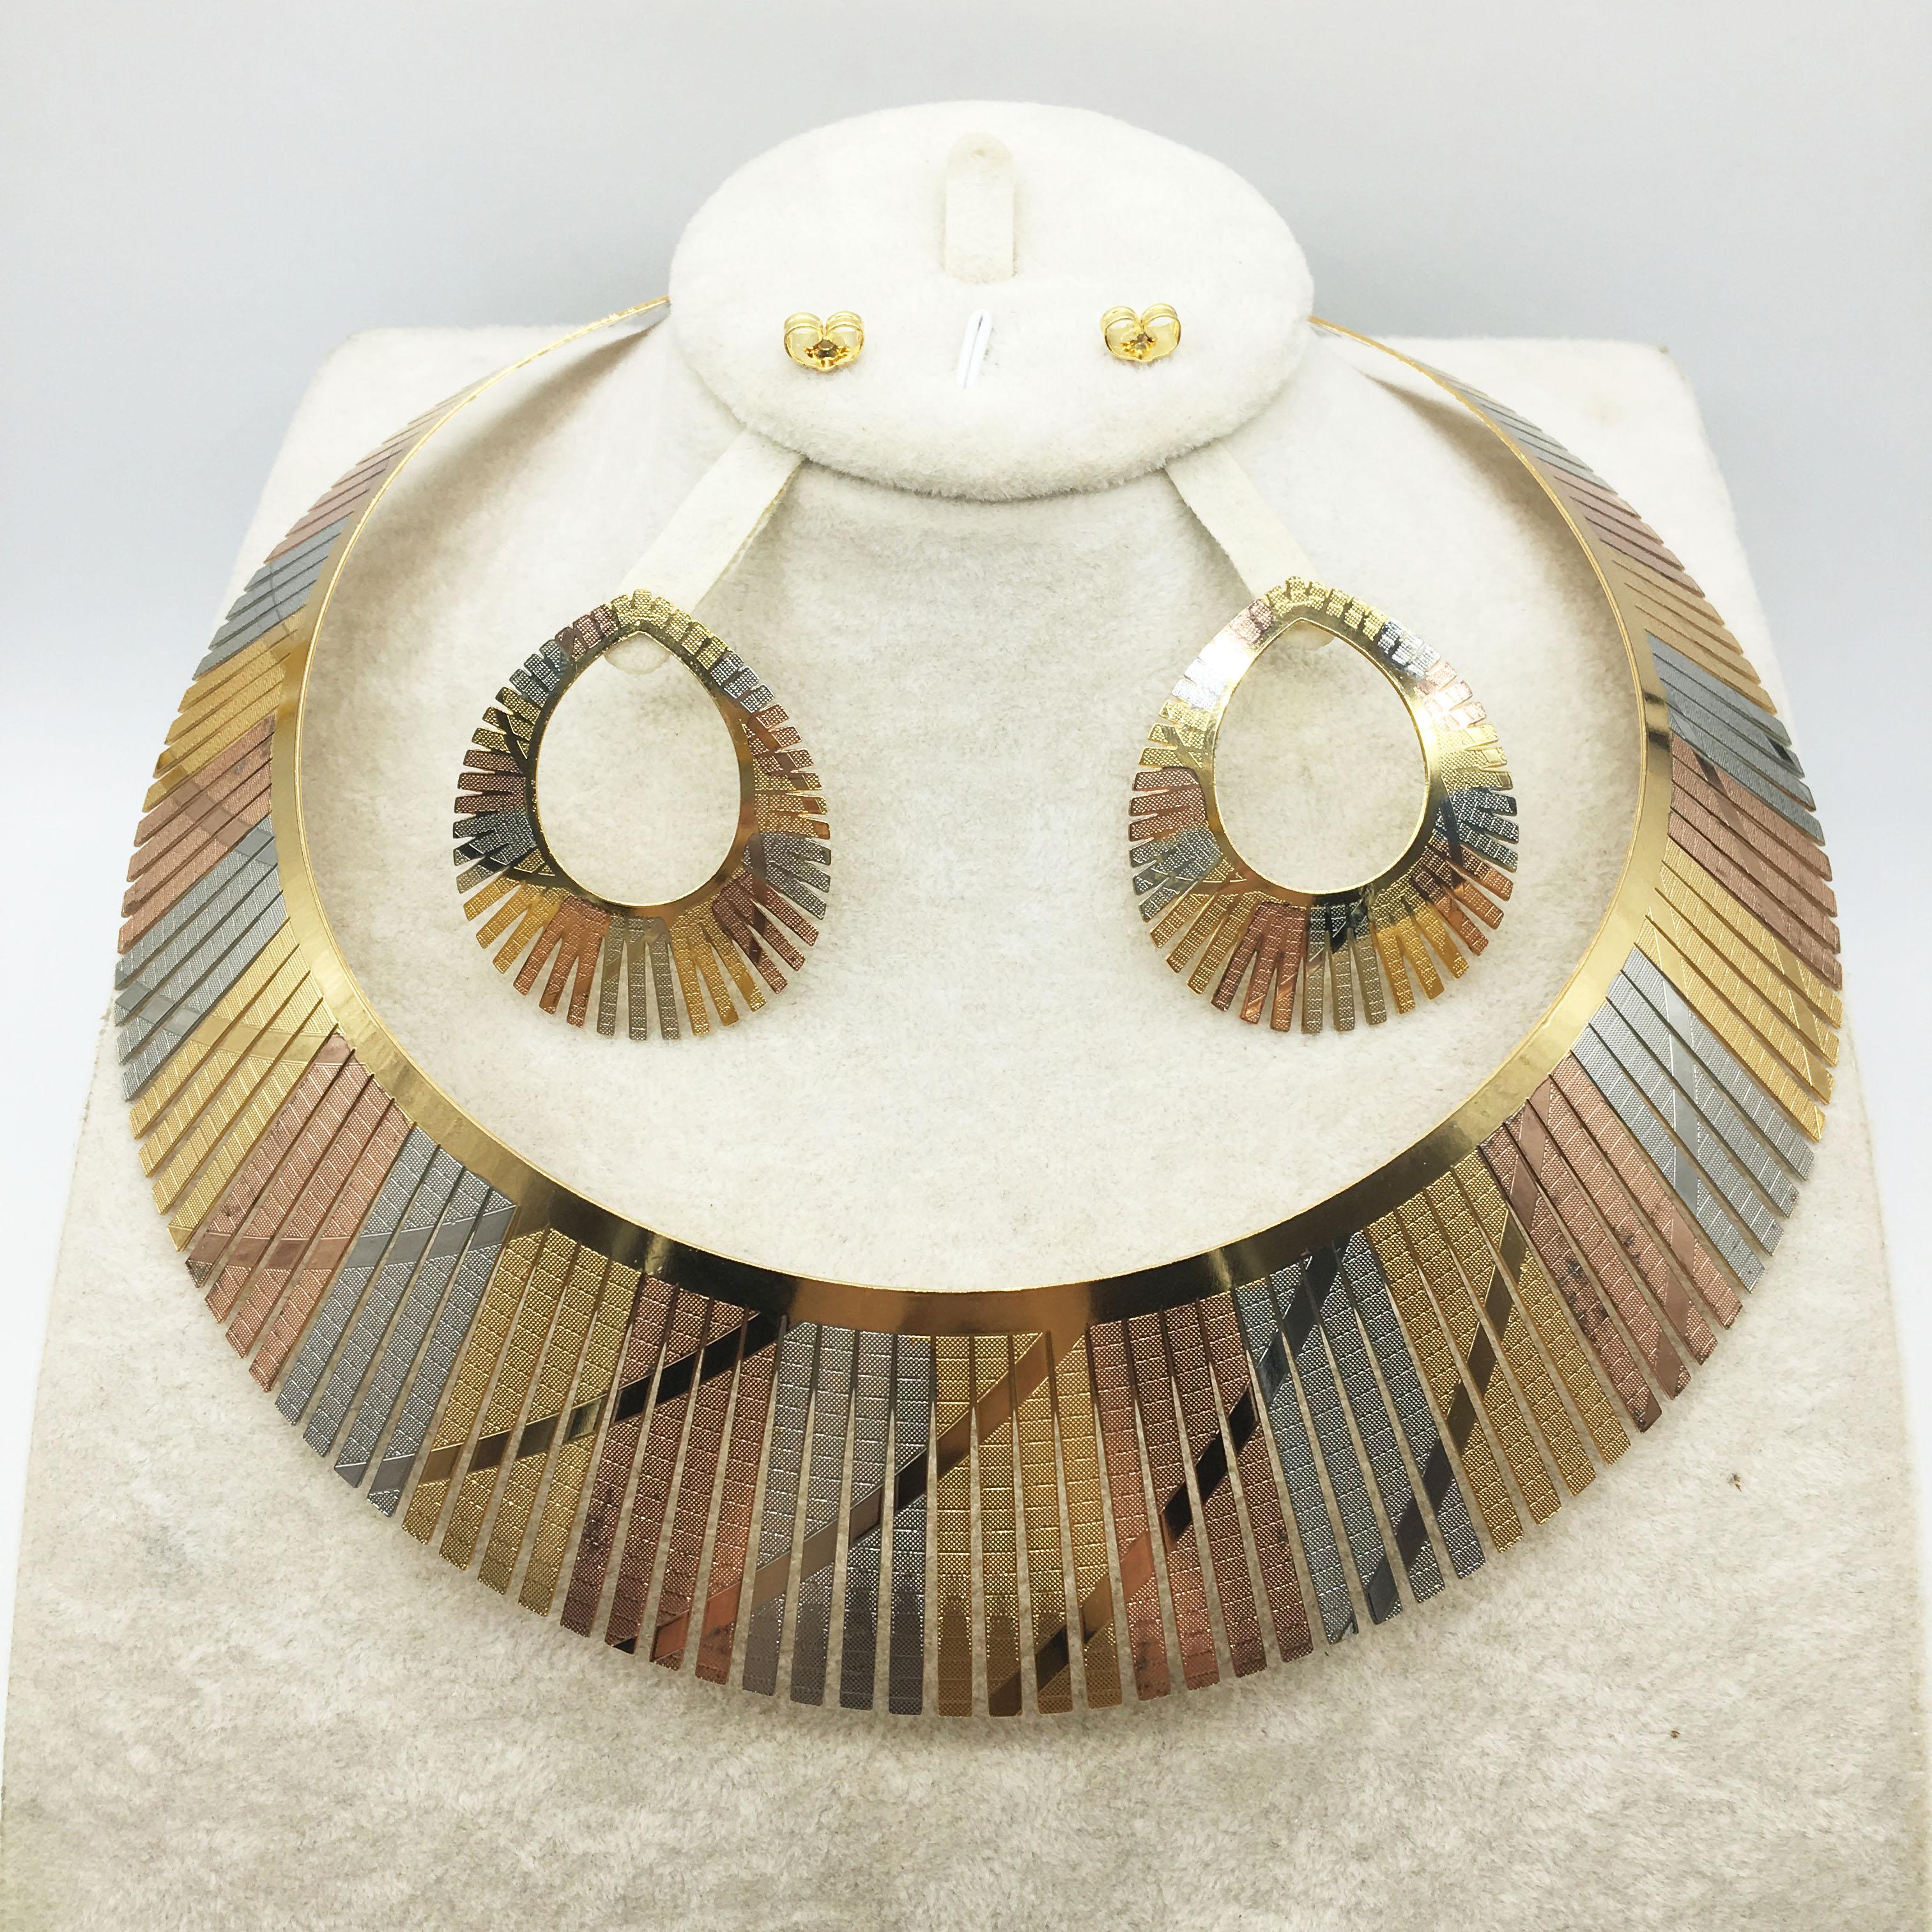 Новый стиль, яркие ювелирные изделия из Дубая под золото для женских юбилеев и дней рождения